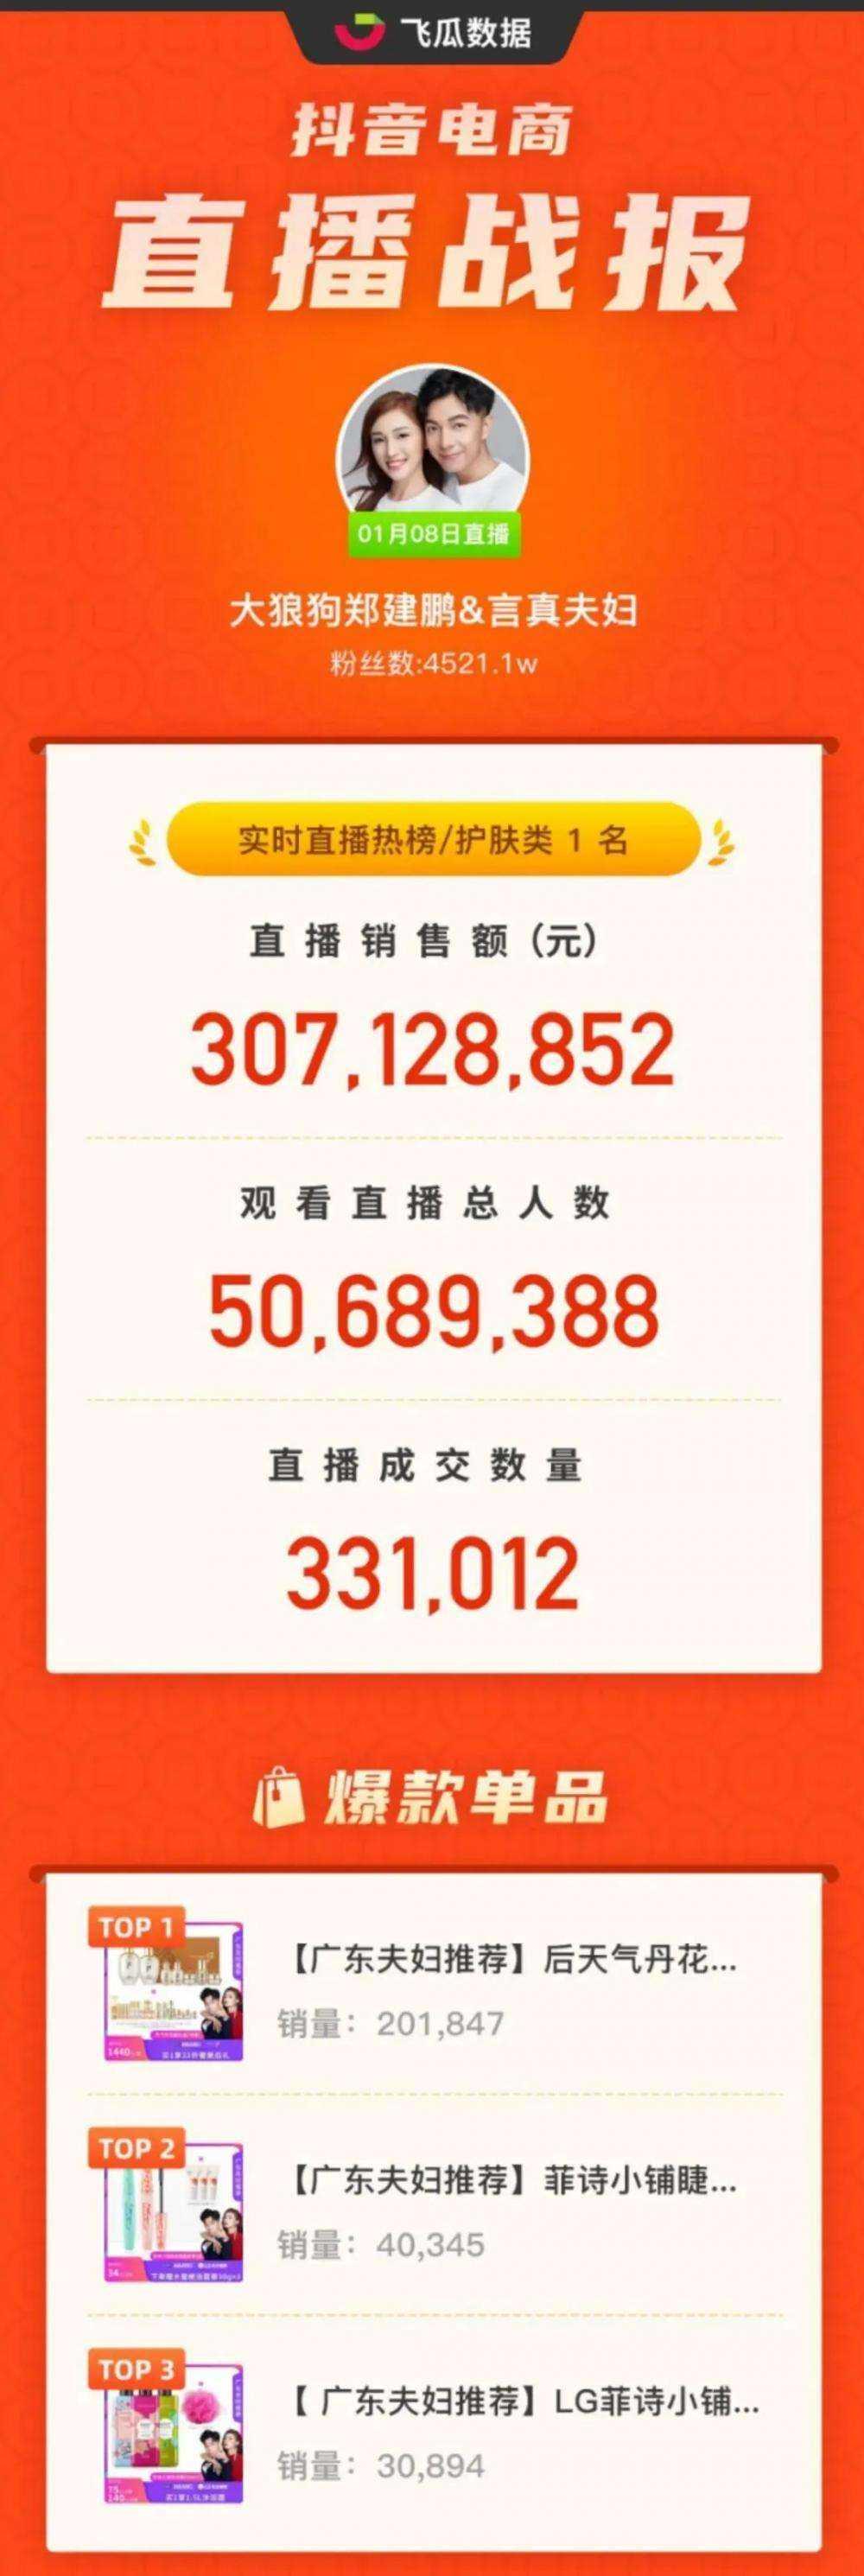 直播销售额破3亿!观看人数超5000万!2021第一个现象级爆单直播间来了!